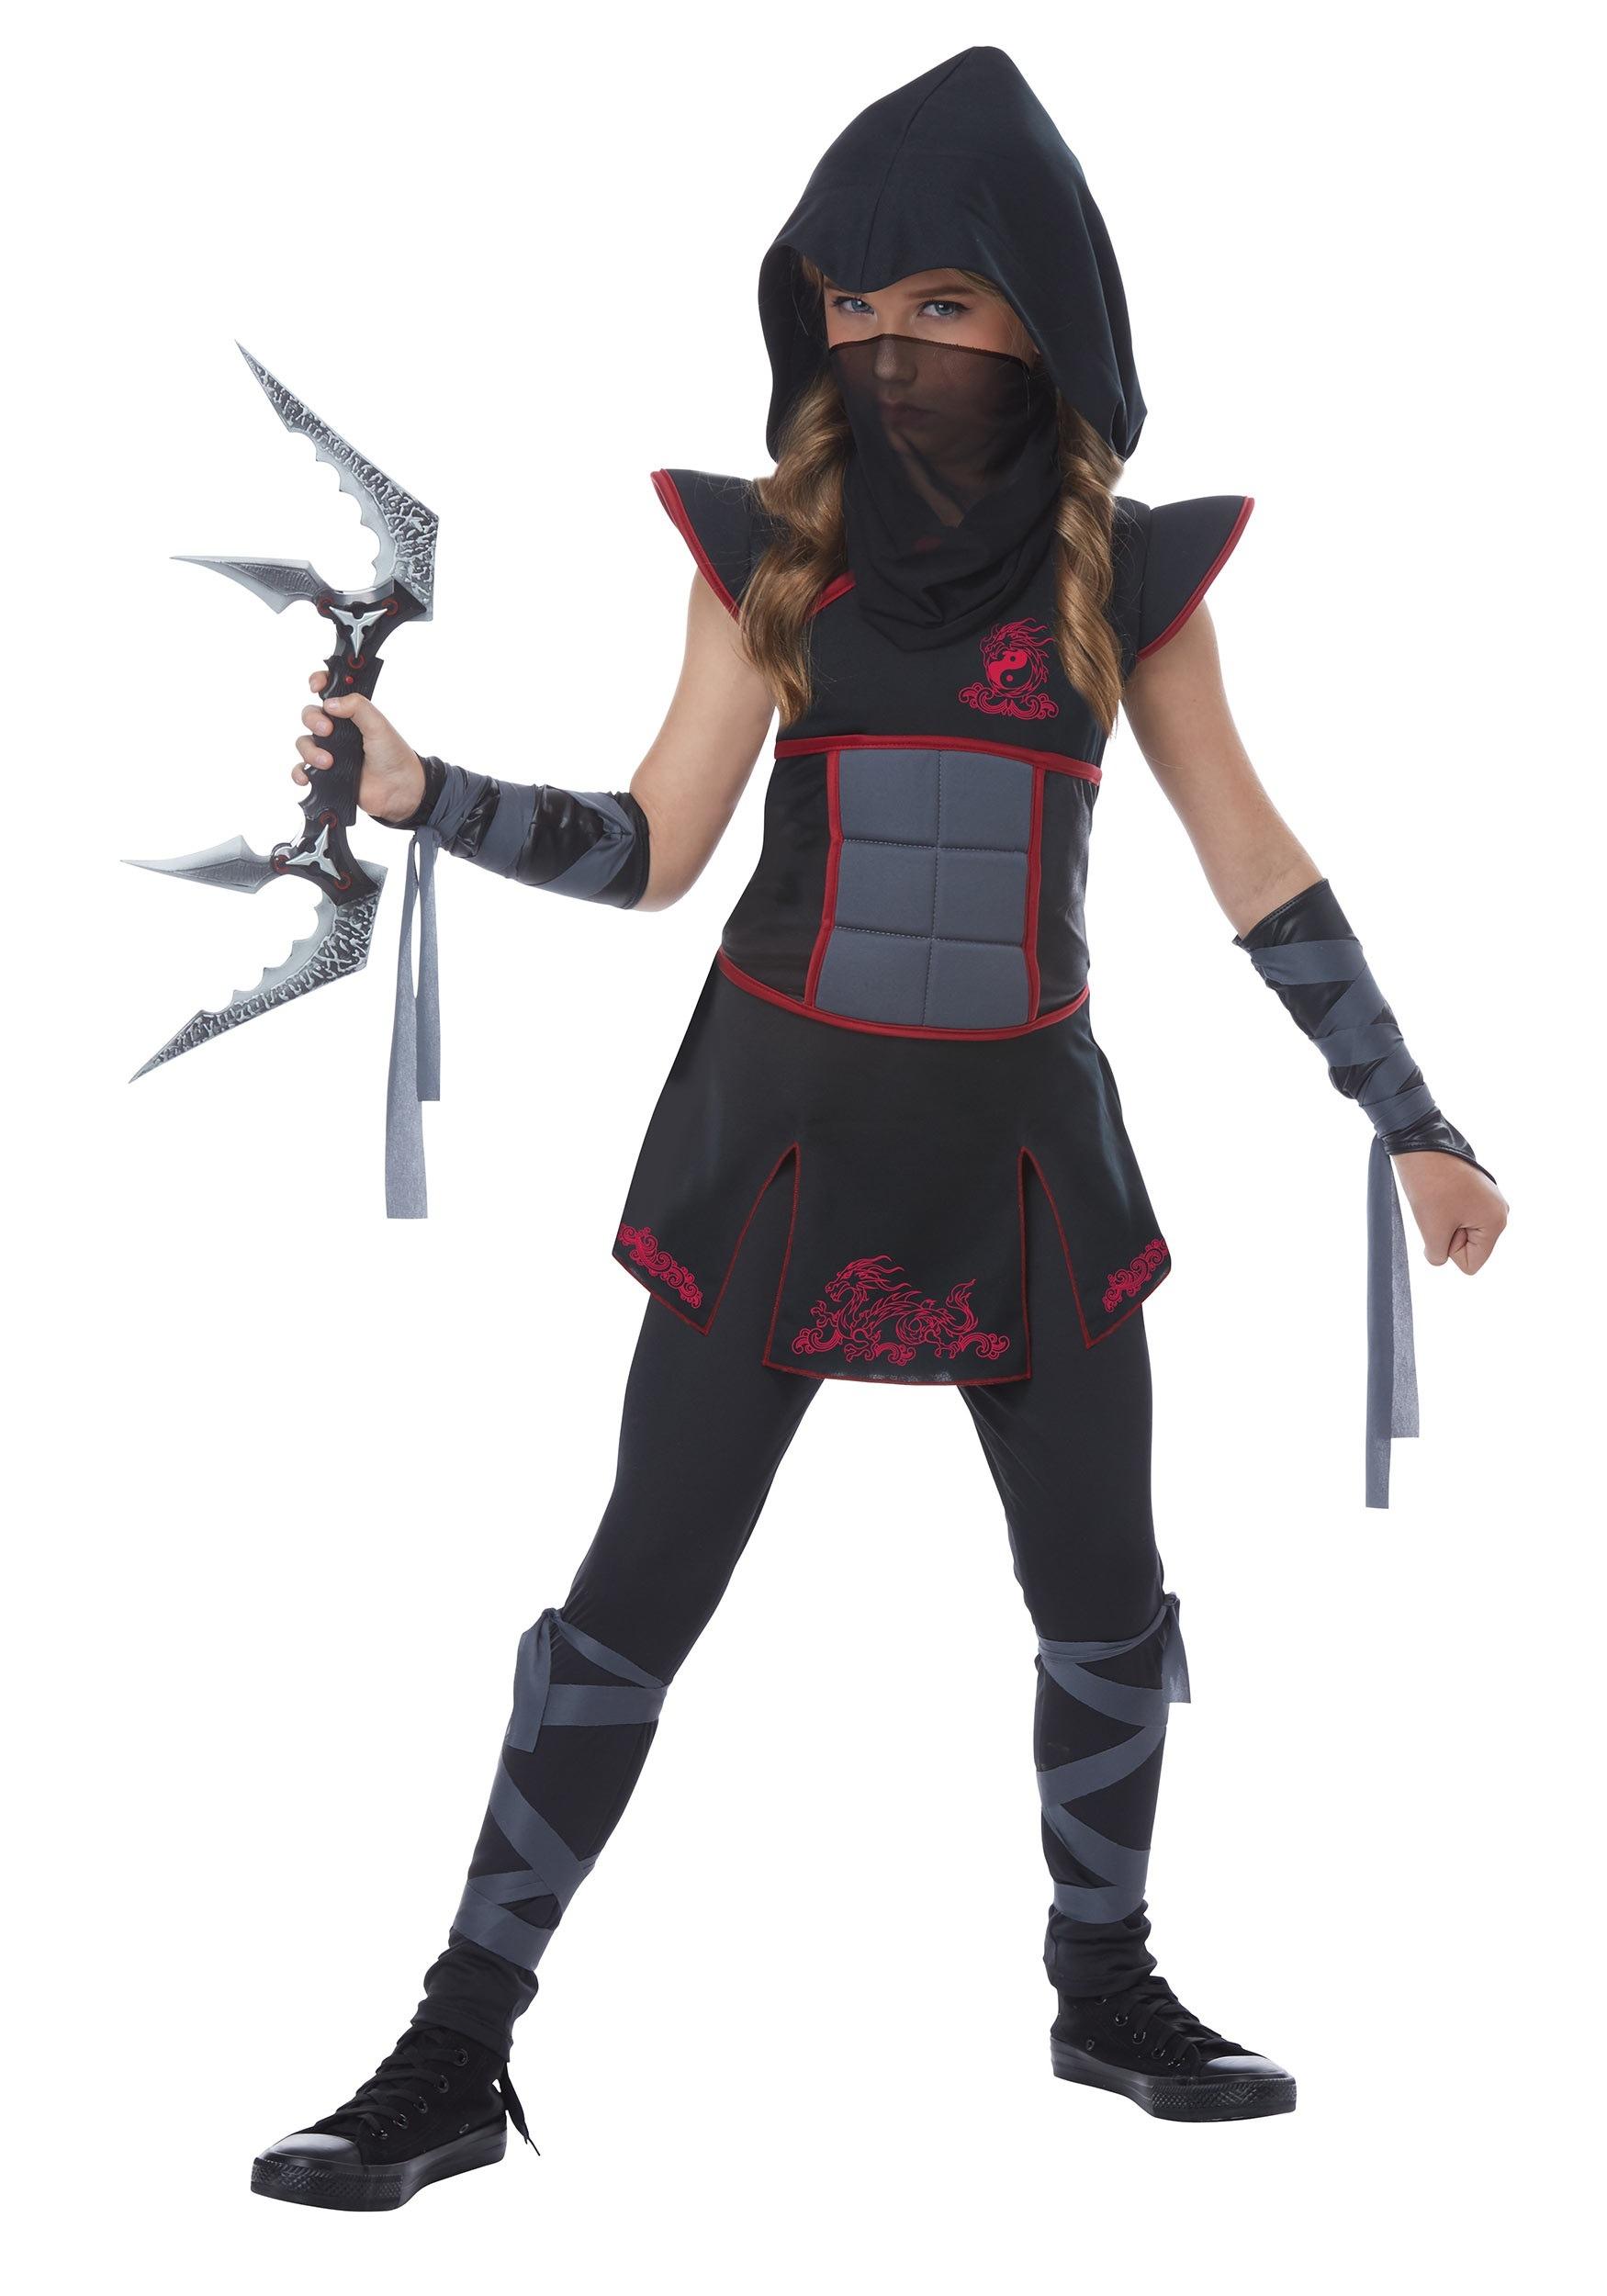 Black Ninja Costume for Girls